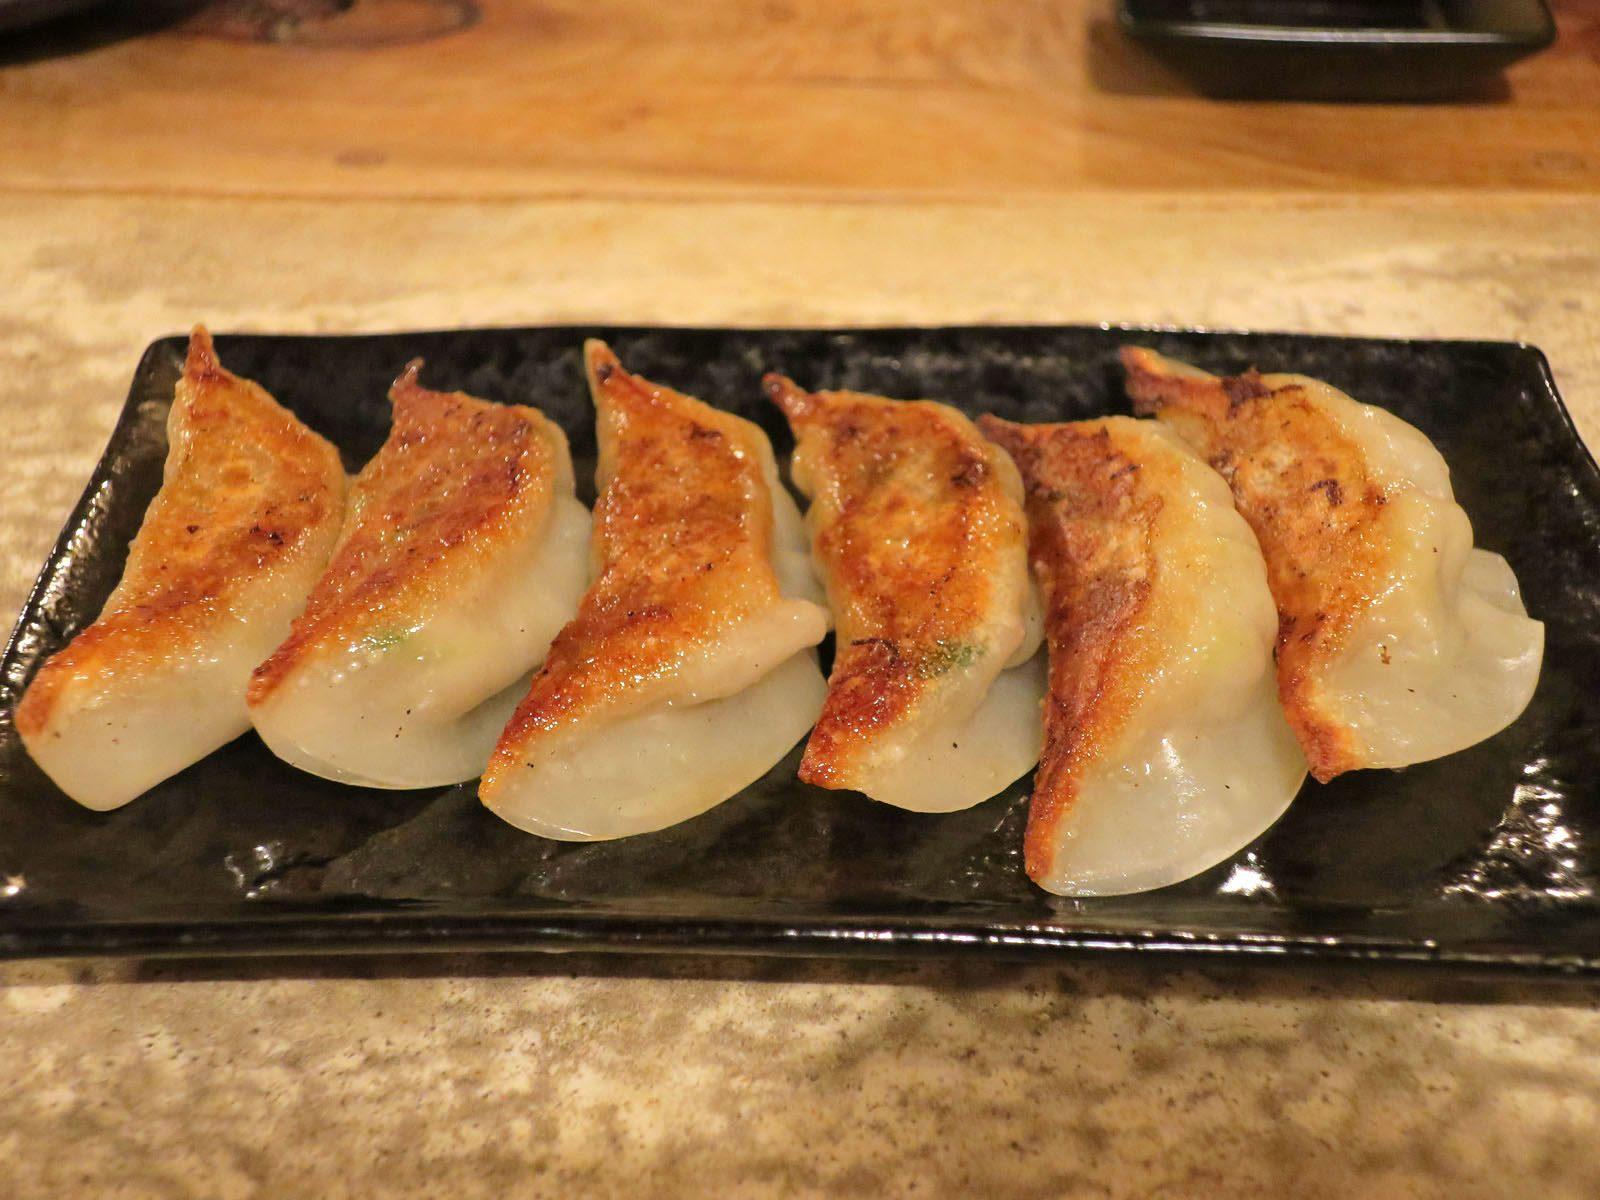 冲绳产猪肉锅贴 450日圆